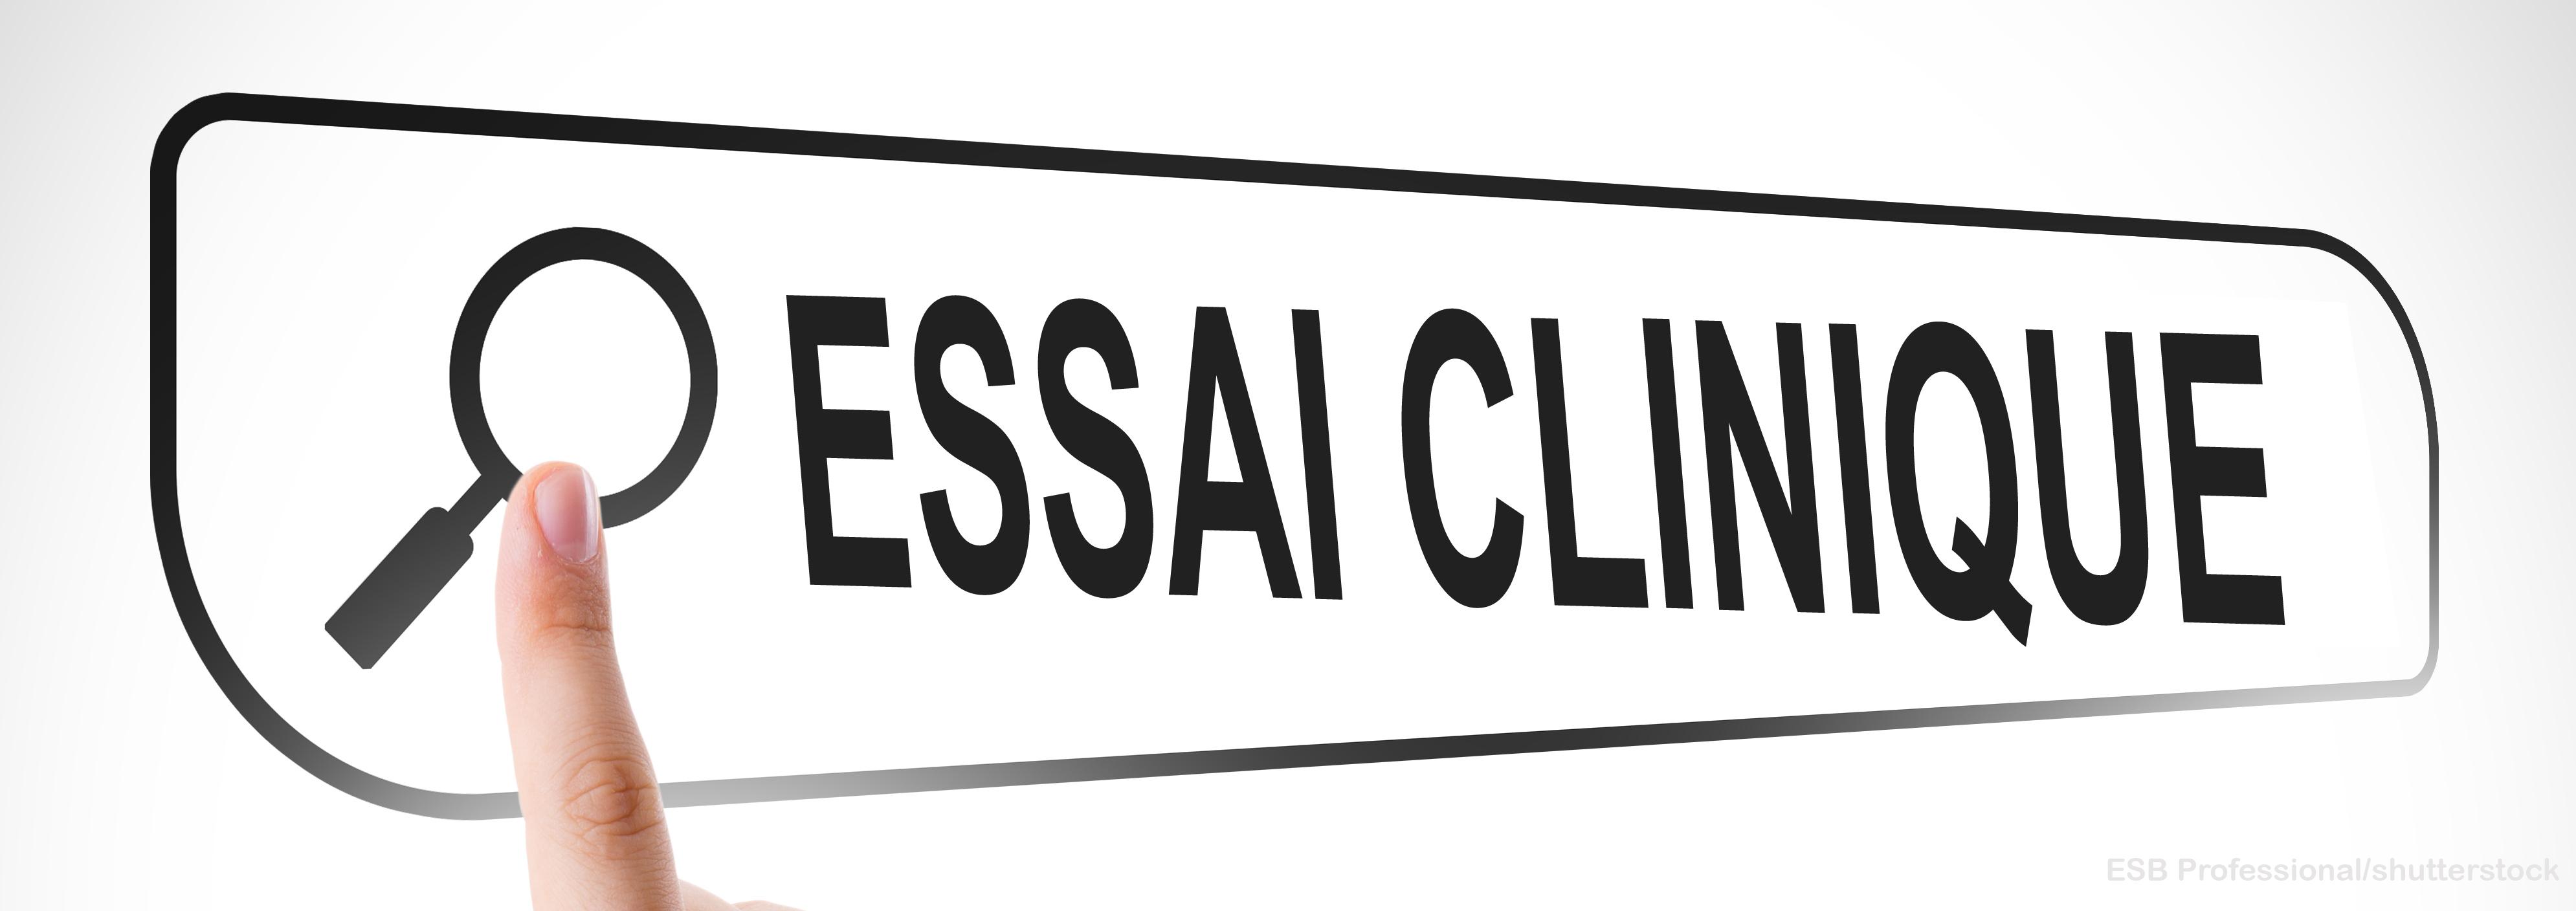 CLINICAL TRIALS FR (2)